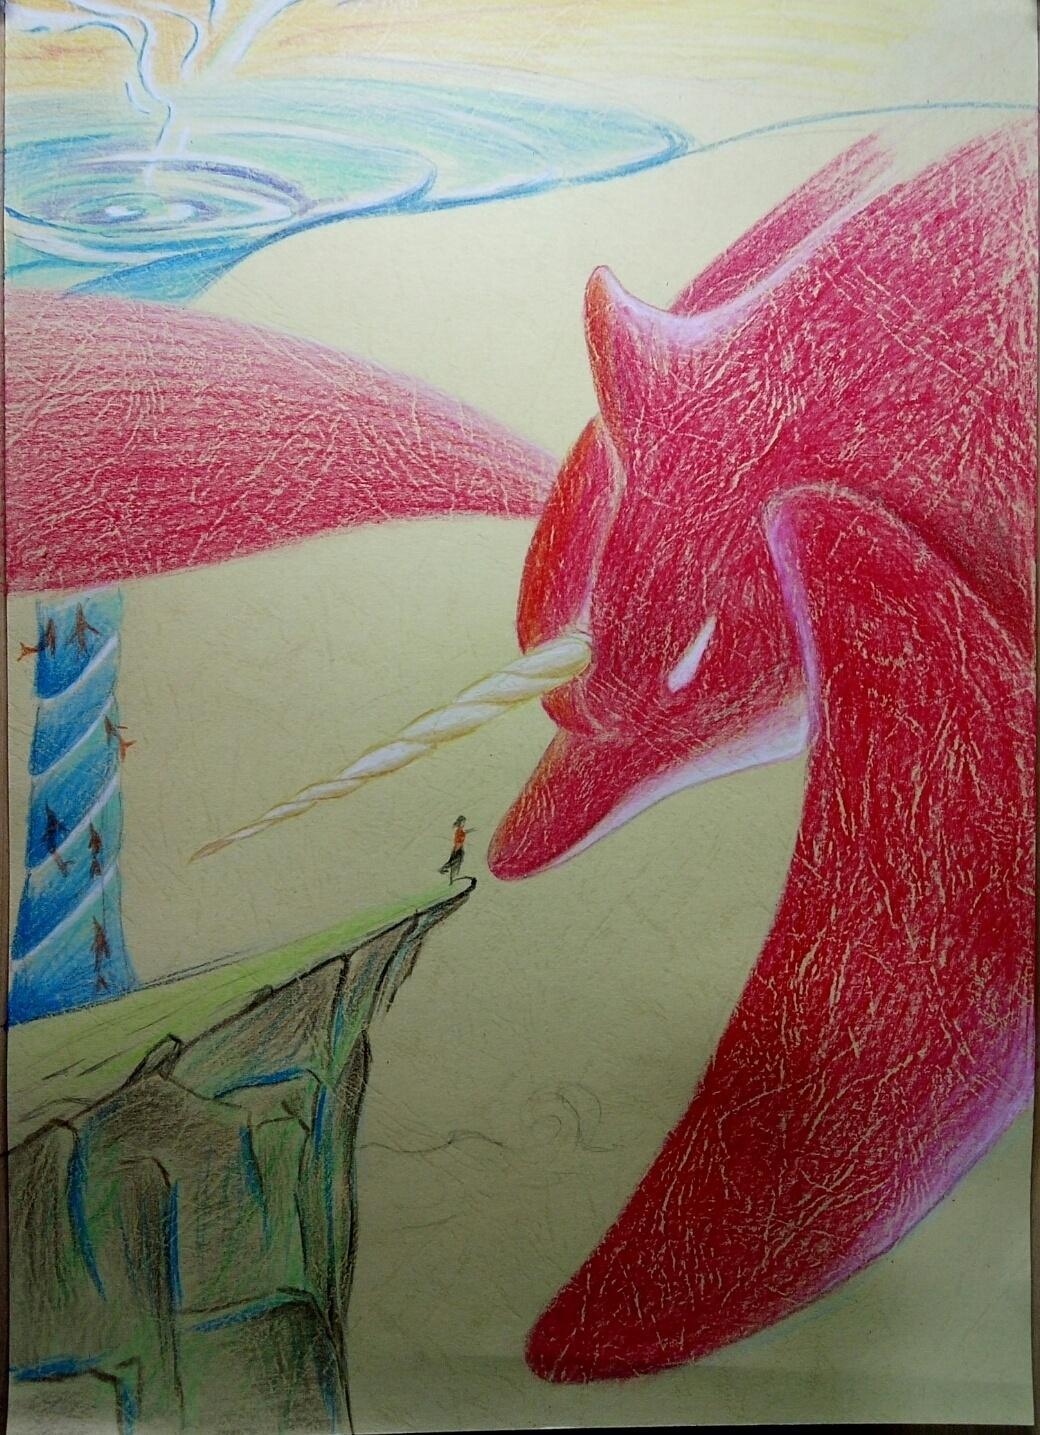 大鱼海棠|纯艺术|彩铅|指尖艺术于洲 - 原创作品图片